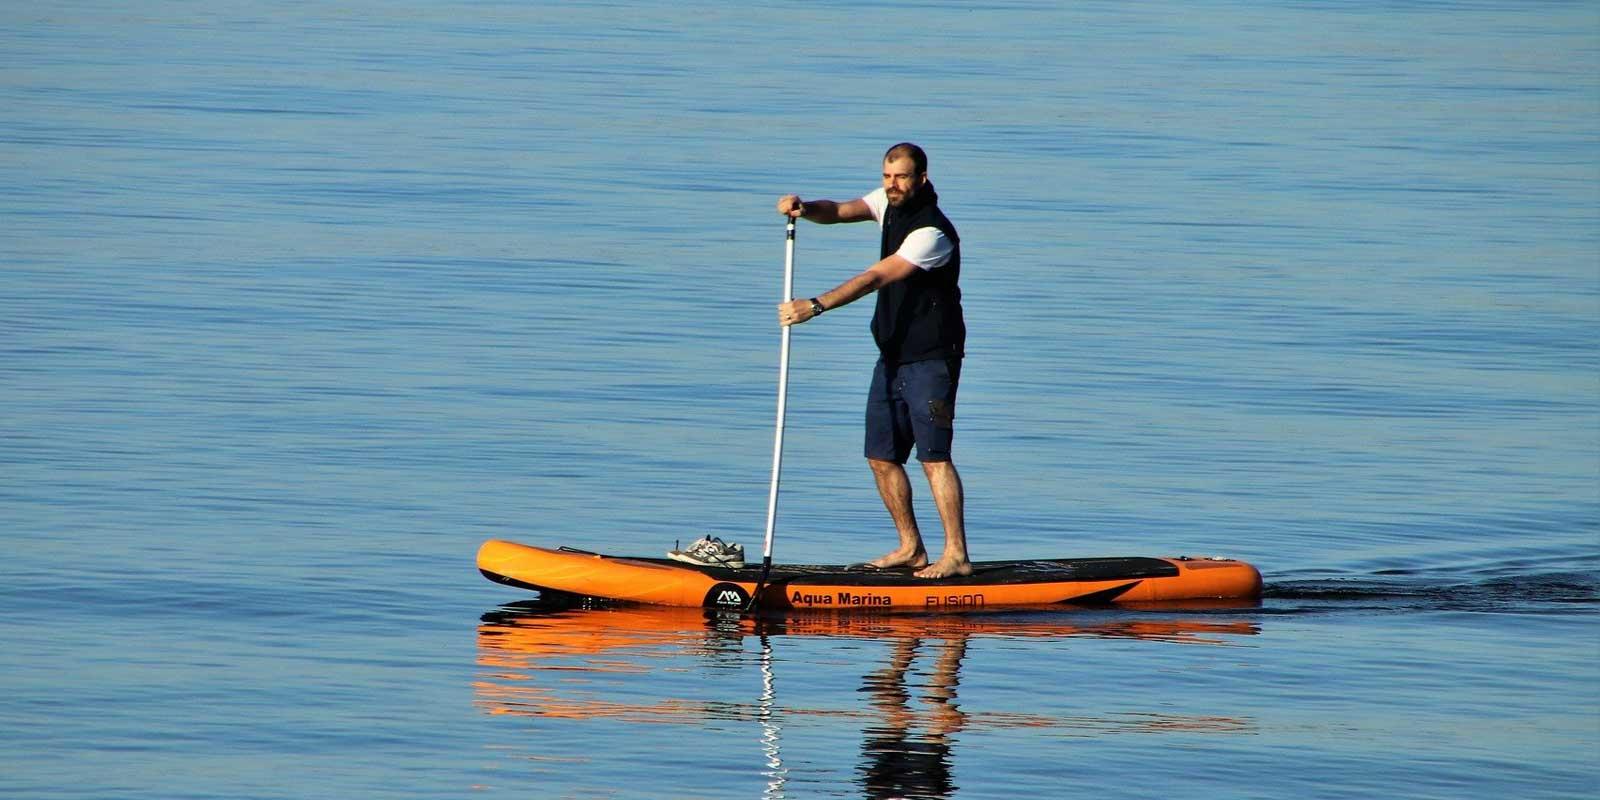 canoe-image-9